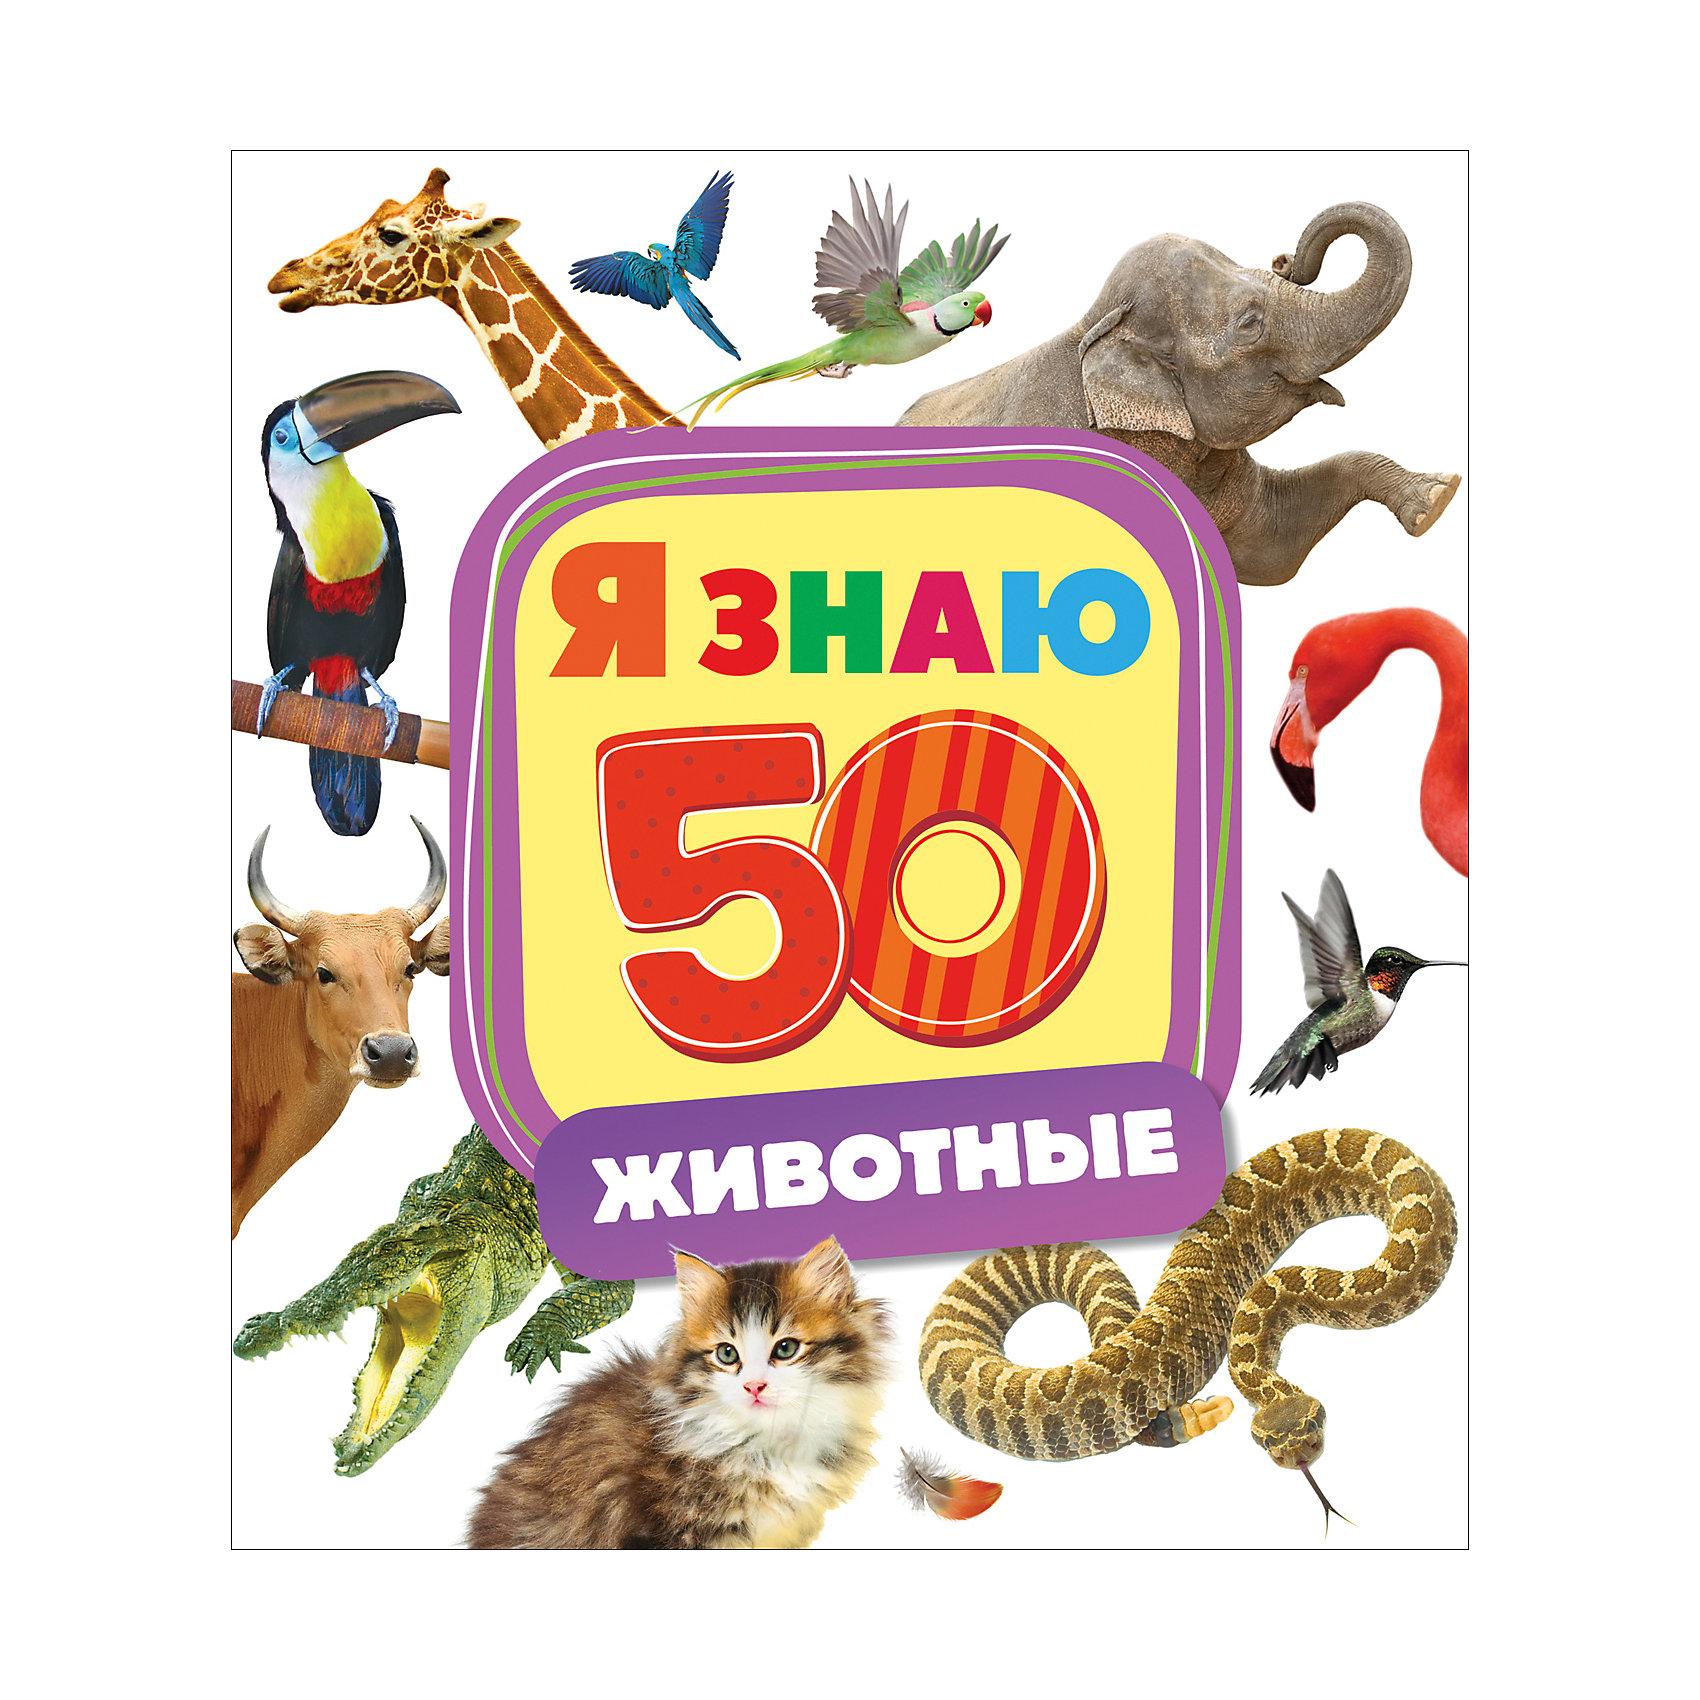 Я знаю ЖивотныеТесты и задания<br>Характеристики товара:<br><br>- цвет: разноцветный;<br>- материал: бумага;<br>- страниц: 10;<br>- формат: 22 х 25 см;<br>- обложка: картон;<br>- развивающая. <br><br>Издания серии Я знаю - отличный способ занять ребенка! Эта красочная книга станет отличным подарком для родителей и малыша. Она содержит в себе интересные задания и яркие картинки, которые так любят дети. Отличный способ привить малышу любовь к занятиям и начать обучение! Методика такого обучения в игровой форме разработана опытными специалистами и опробована множеством родителей.<br>Чтение, выполнение простых заданий и рассматривание картинок помогает ребенку развивать память, концентрацию внимания и воображение. Издание произведено из качественных материалов, которые безопасны даже для самых маленьких.<br><br>Издание Я знаю Животные от компании Росмэн можно купить в нашем интернет-магазине.<br><br>Ширина мм: 250<br>Глубина мм: 225<br>Высота мм: 6<br>Вес г: 292<br>Возраст от месяцев: 0<br>Возраст до месяцев: 36<br>Пол: Унисекс<br>Возраст: Детский<br>SKU: 5110310